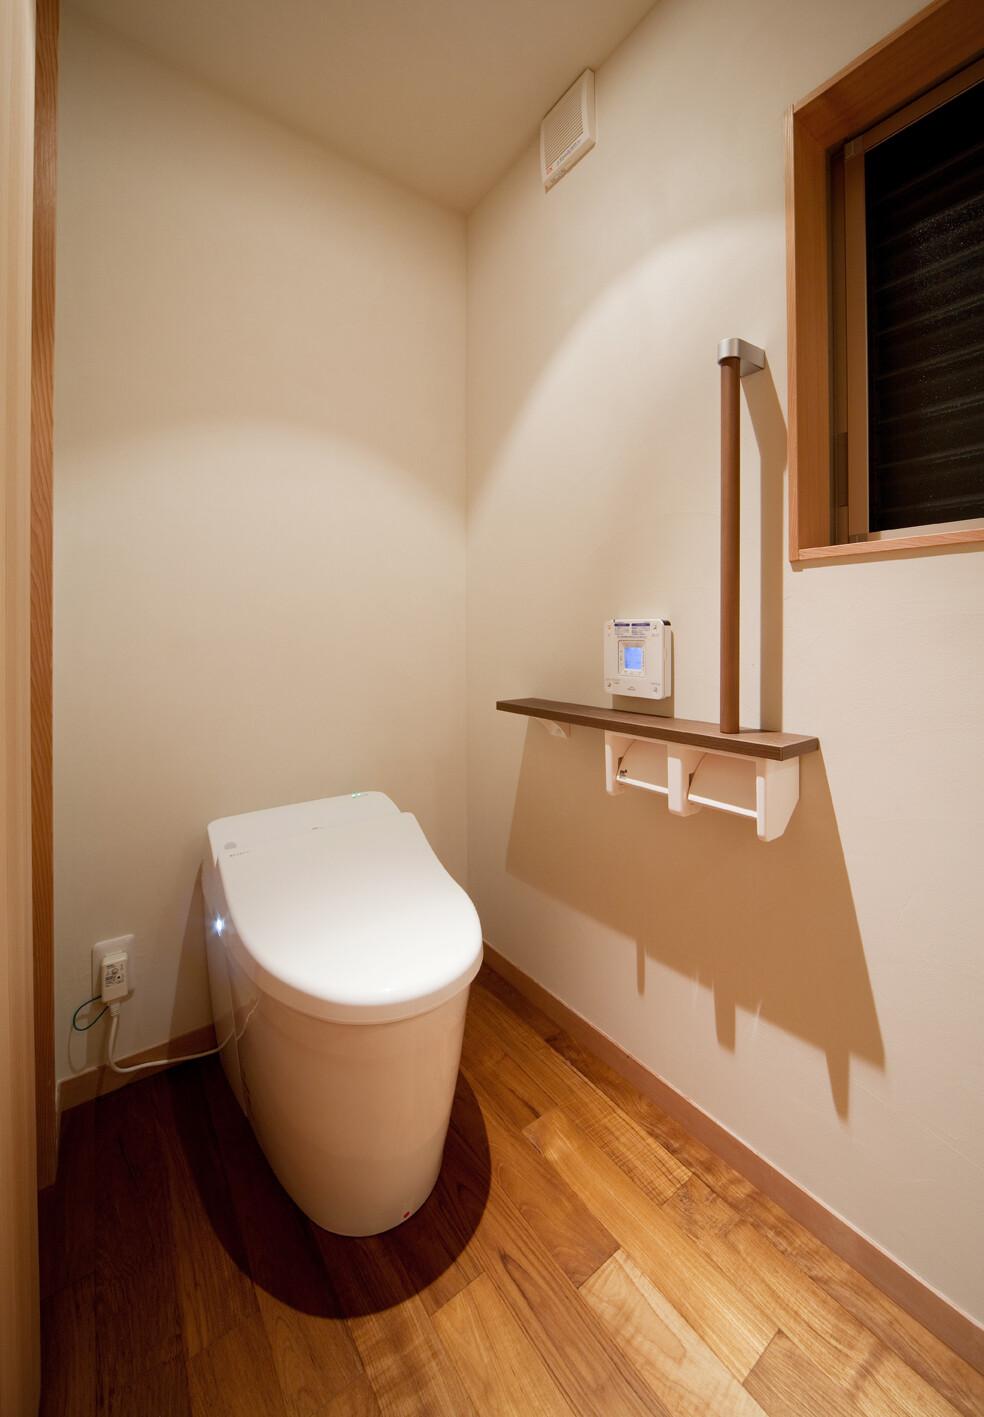 暖かく広いトイレ】(株)フレックス唐津の実例詳細   リフォーム実例